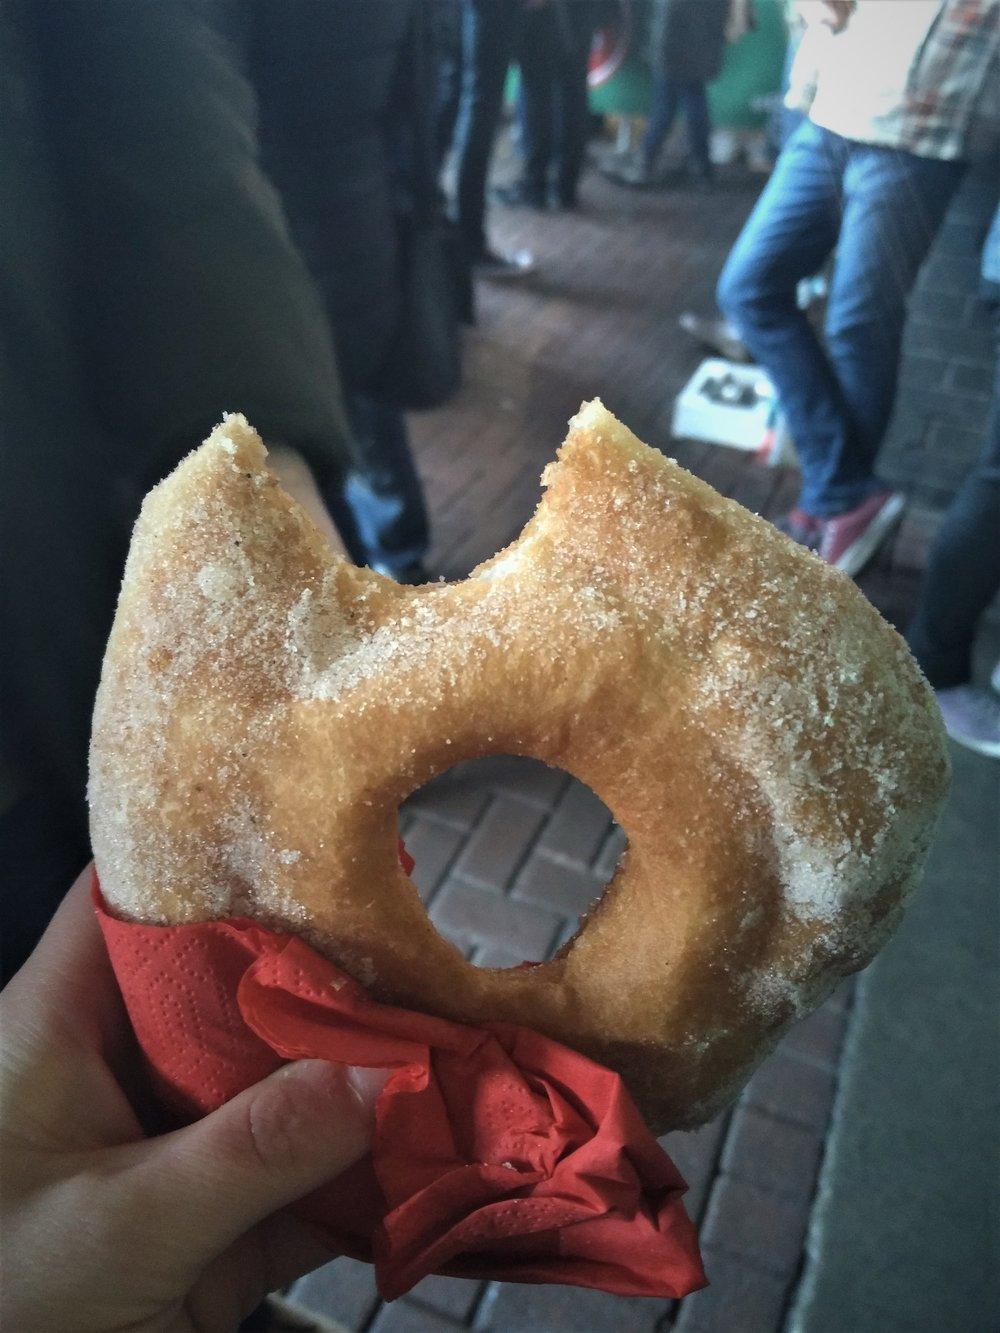 Frittelle (Italian Doughnut) from Fritto.